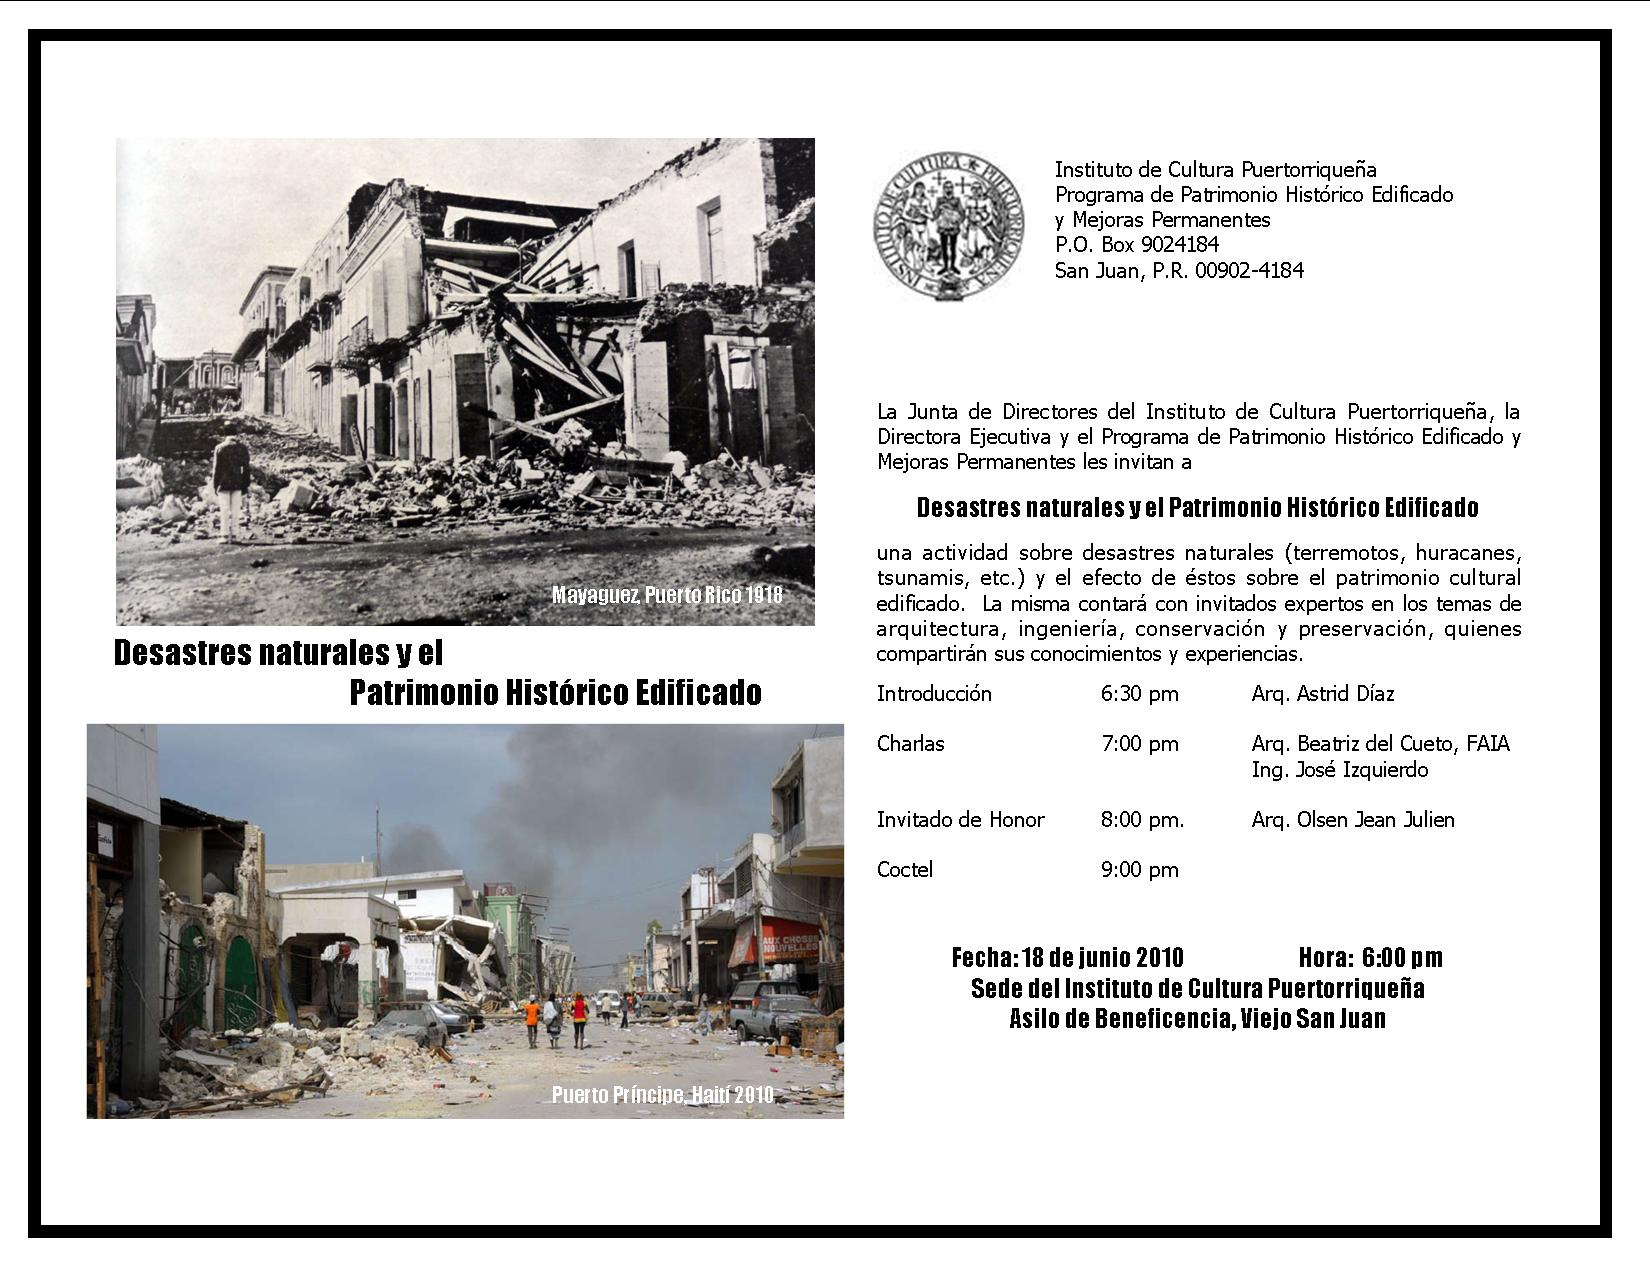 arquillano Conferencia ICP: Desastres Naturales y Patrimonio Historico